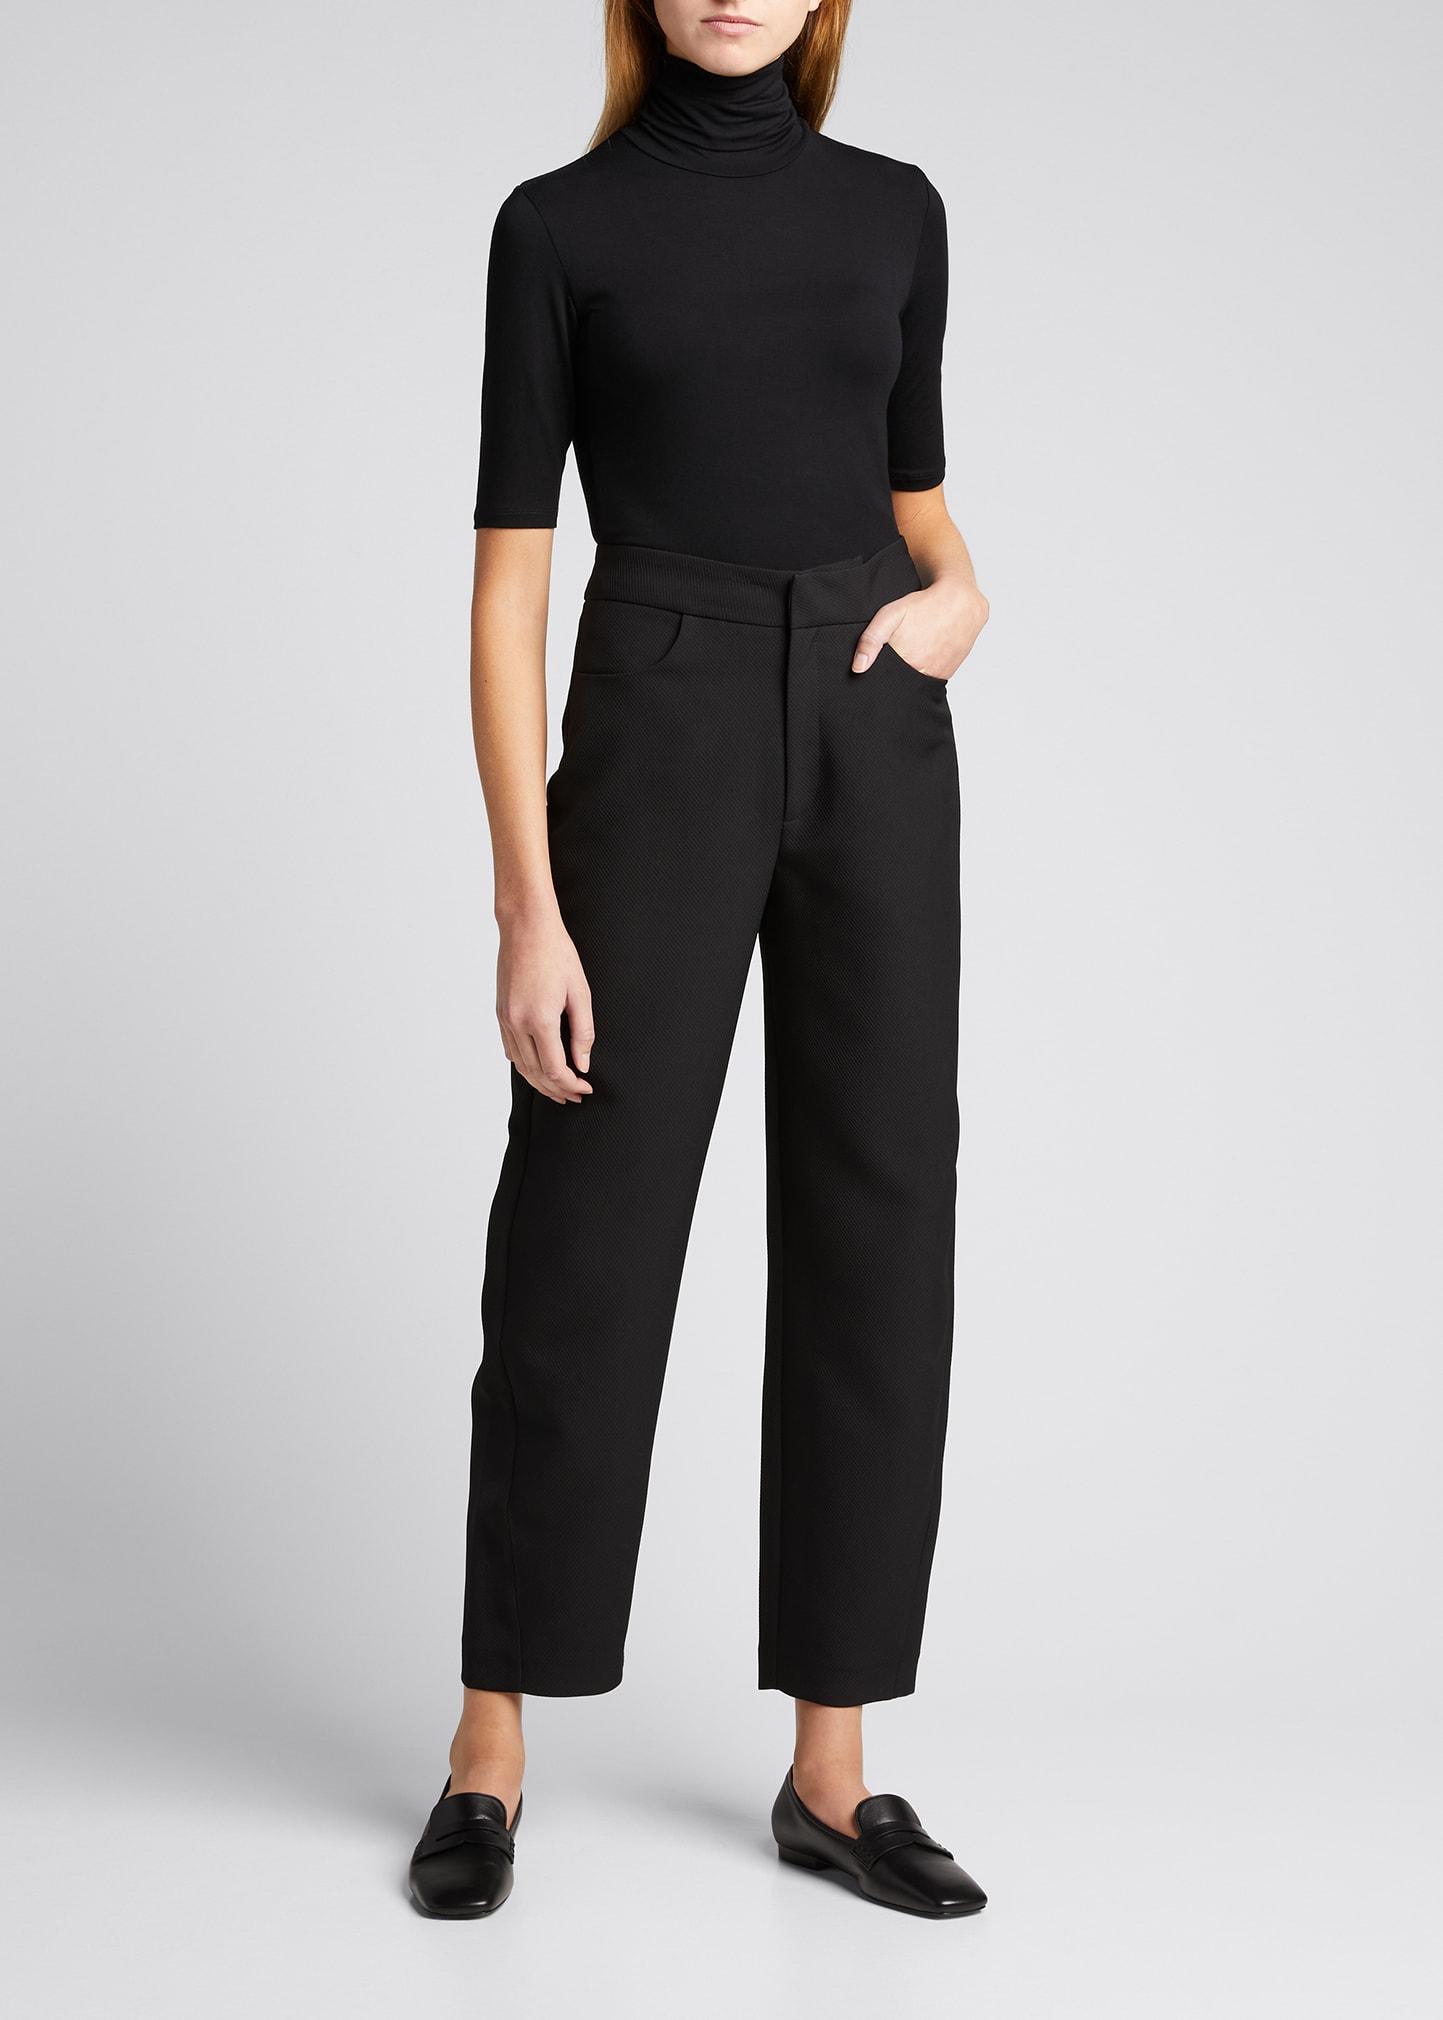 Majestic Women's Soft Touch Elbow-sleeve Turtleneck Sweater In Noir